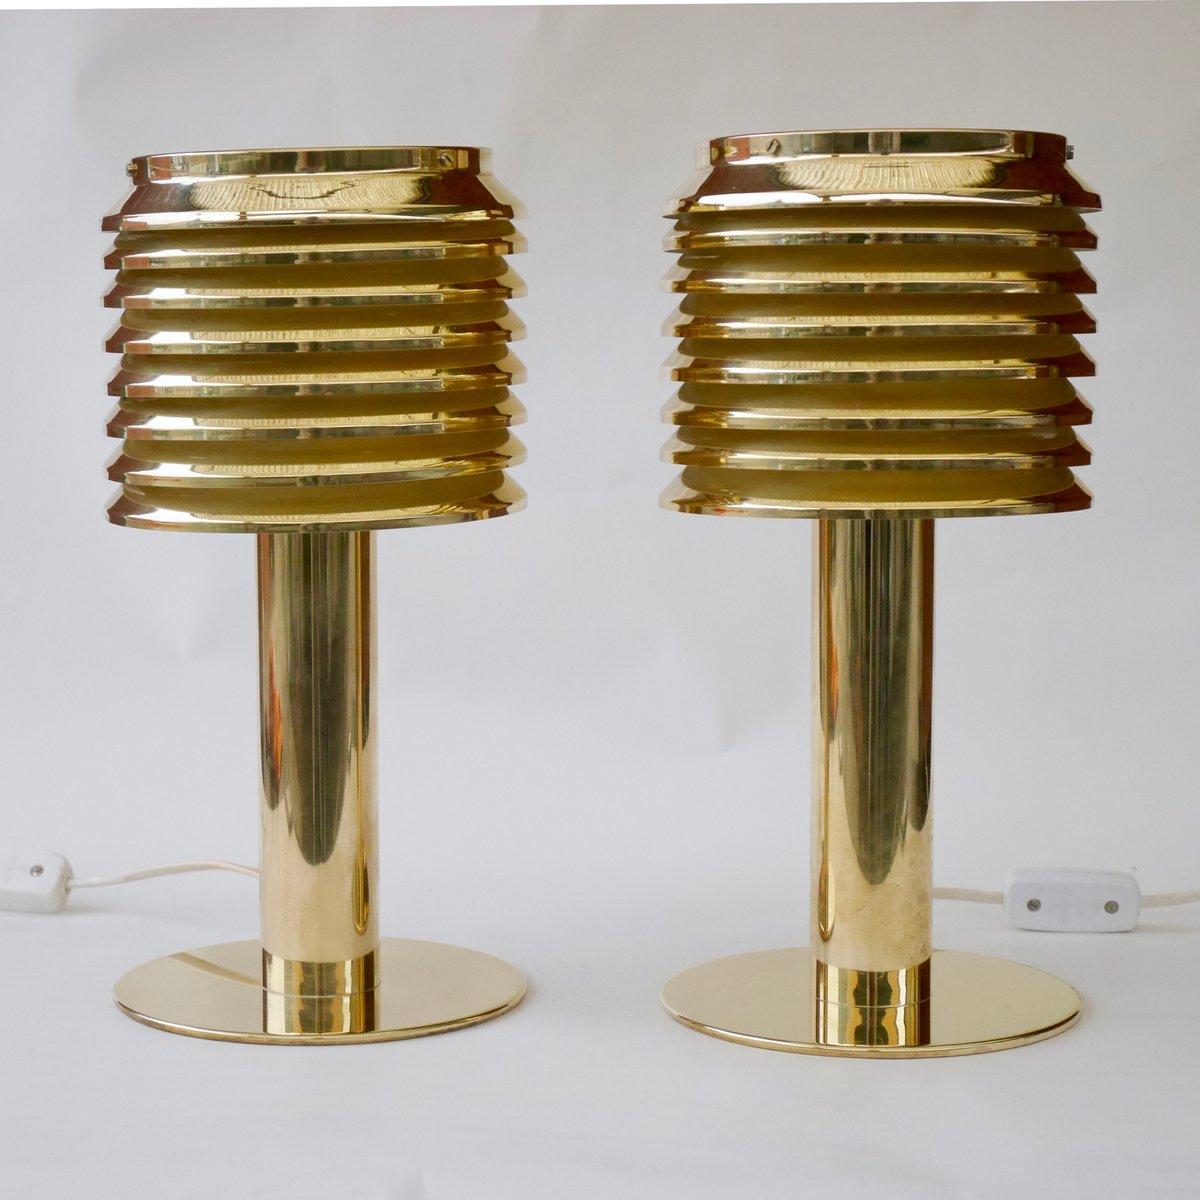 B142 Tischlampen aus Messing von Hans-Agne Jakobsson, 1960er, 2er Set